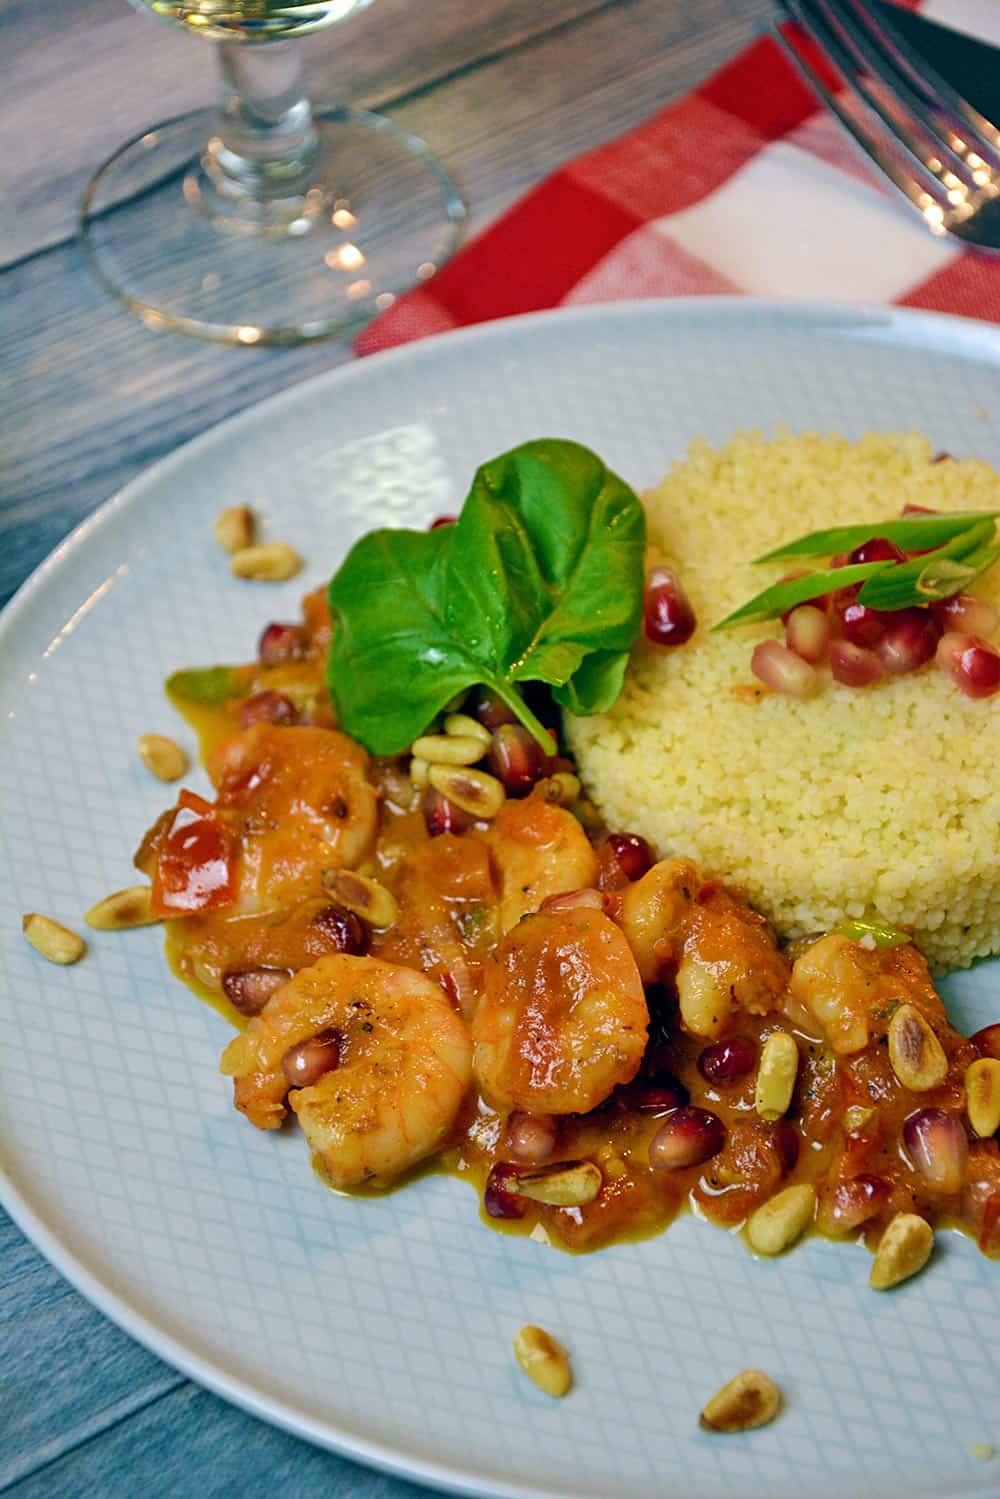 Lust auf Garnelen? Dann lies dieses Rezept für Garnelen in Granatapfel-Tomatensauce. Exotisch mediterran und einfach schnell zu kochen.